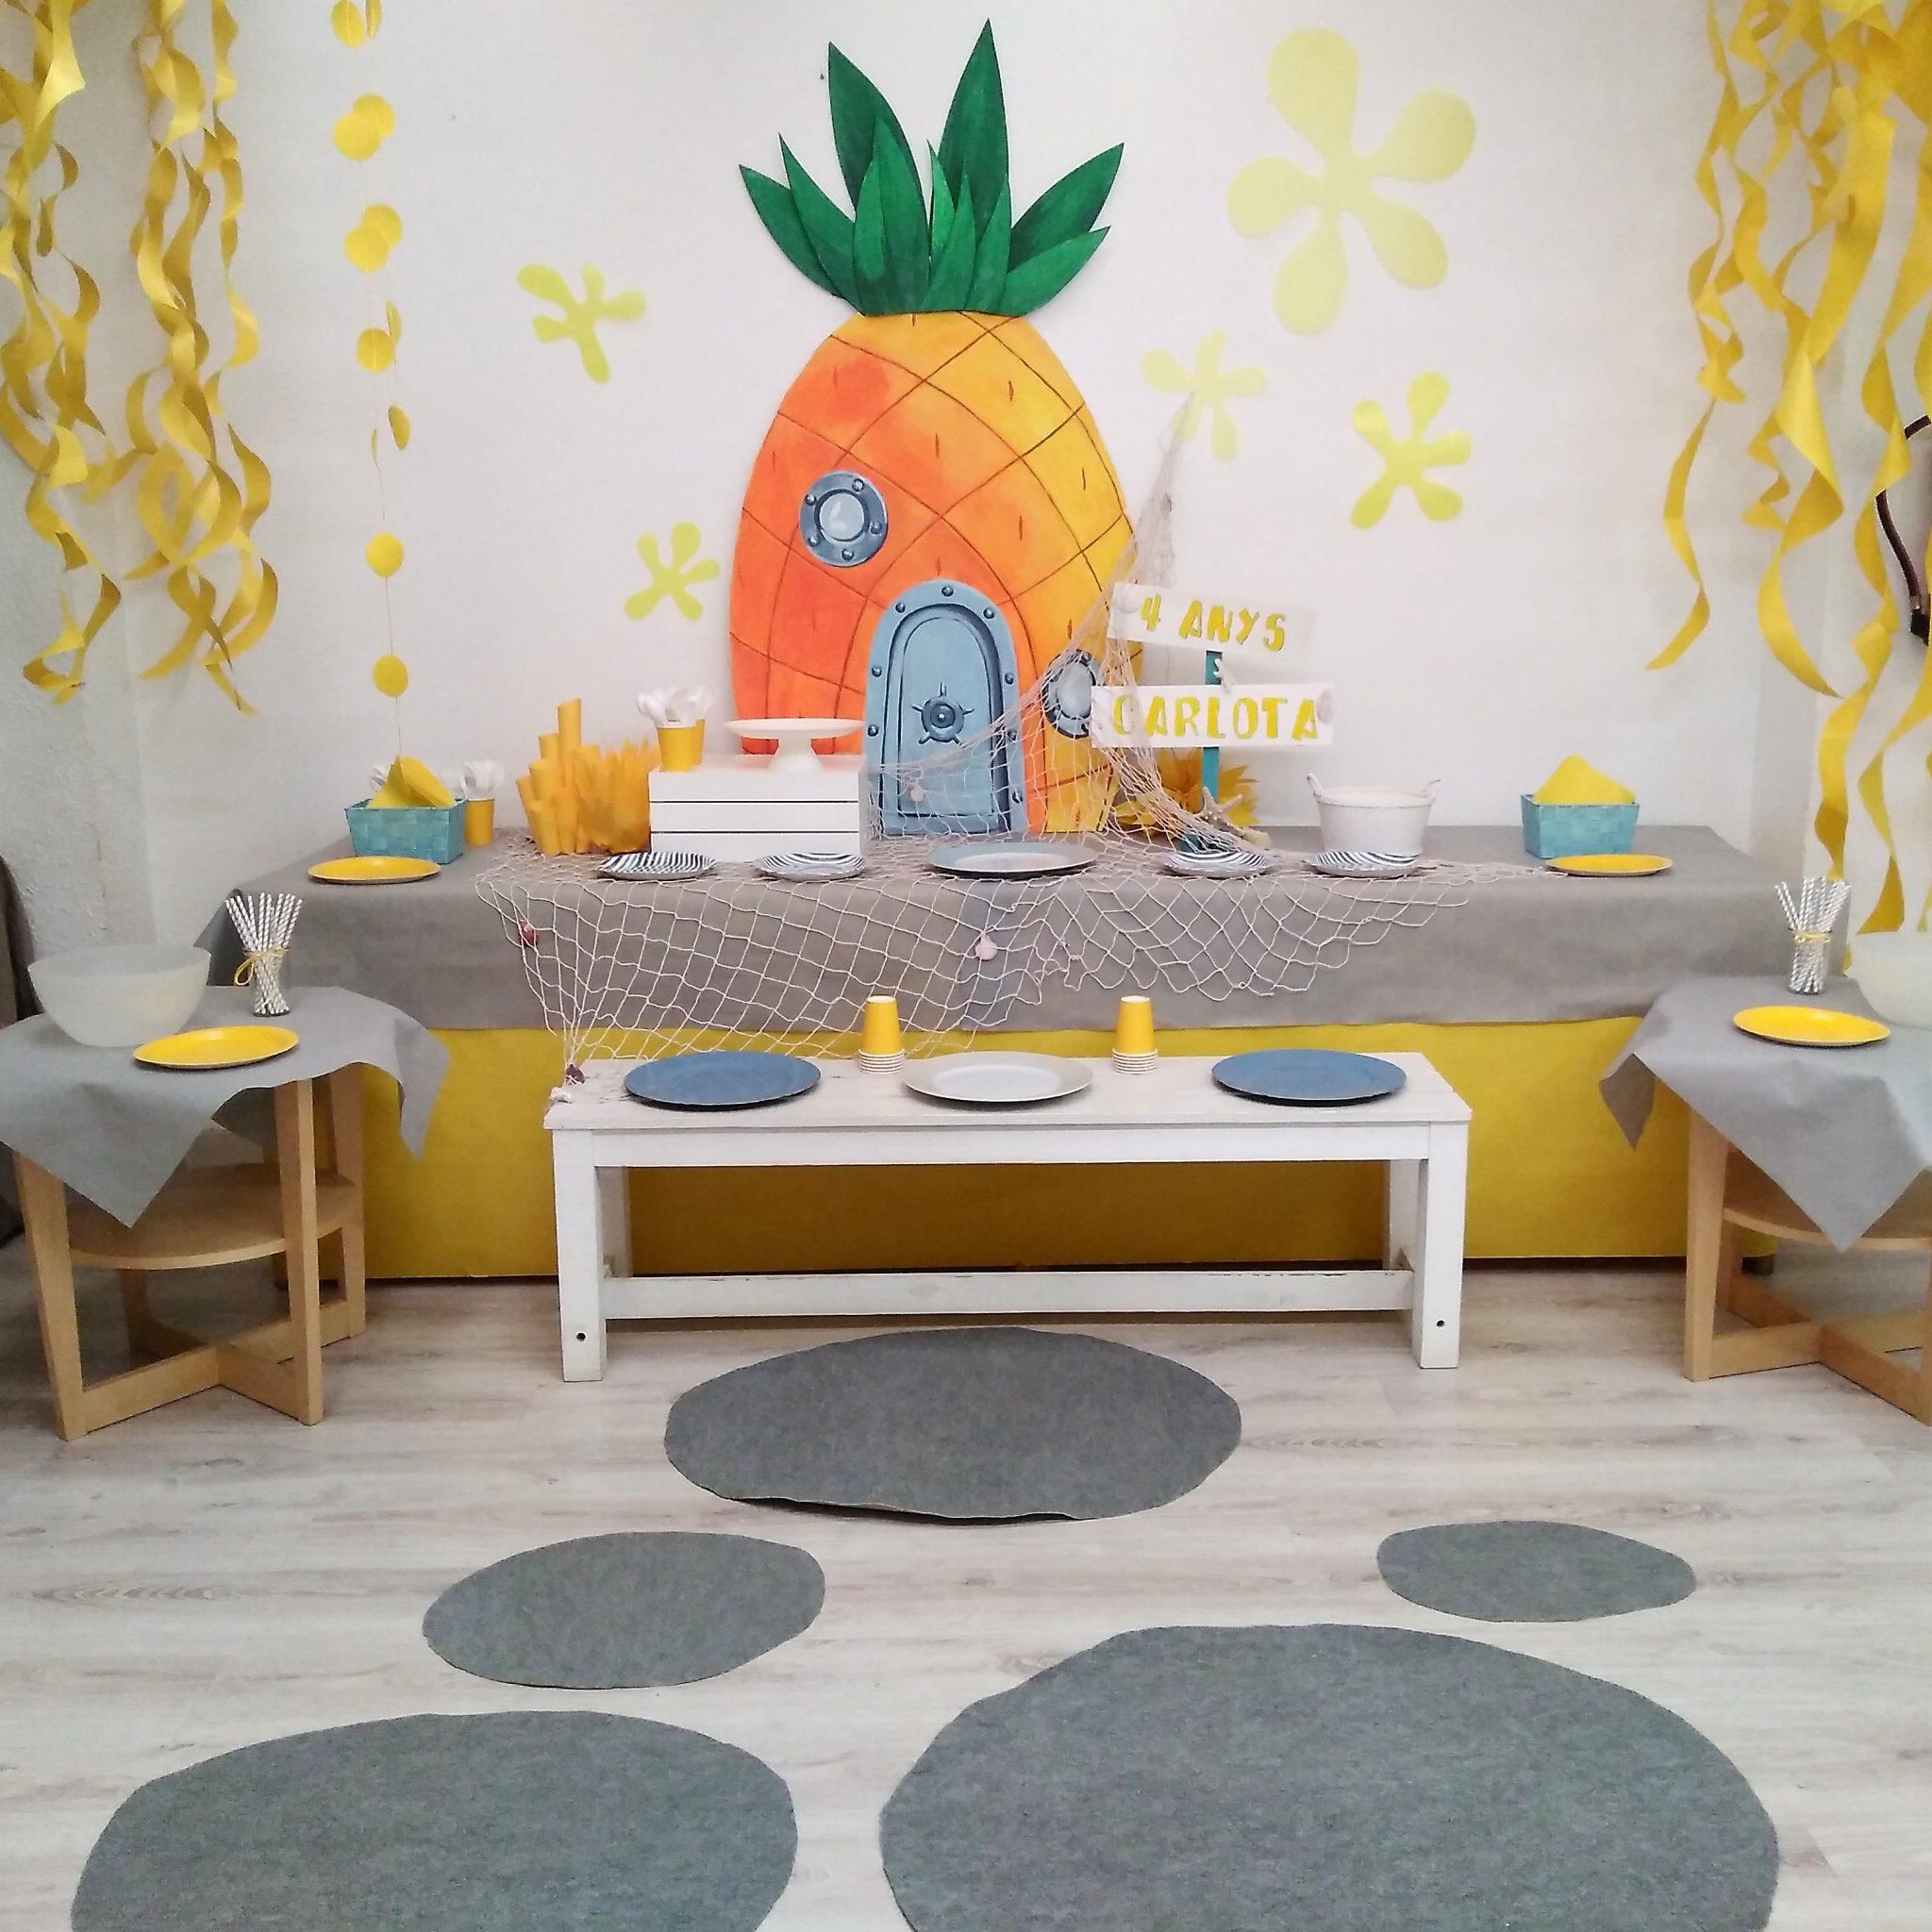 decoración para fiesta de cumpleaños bob esponja